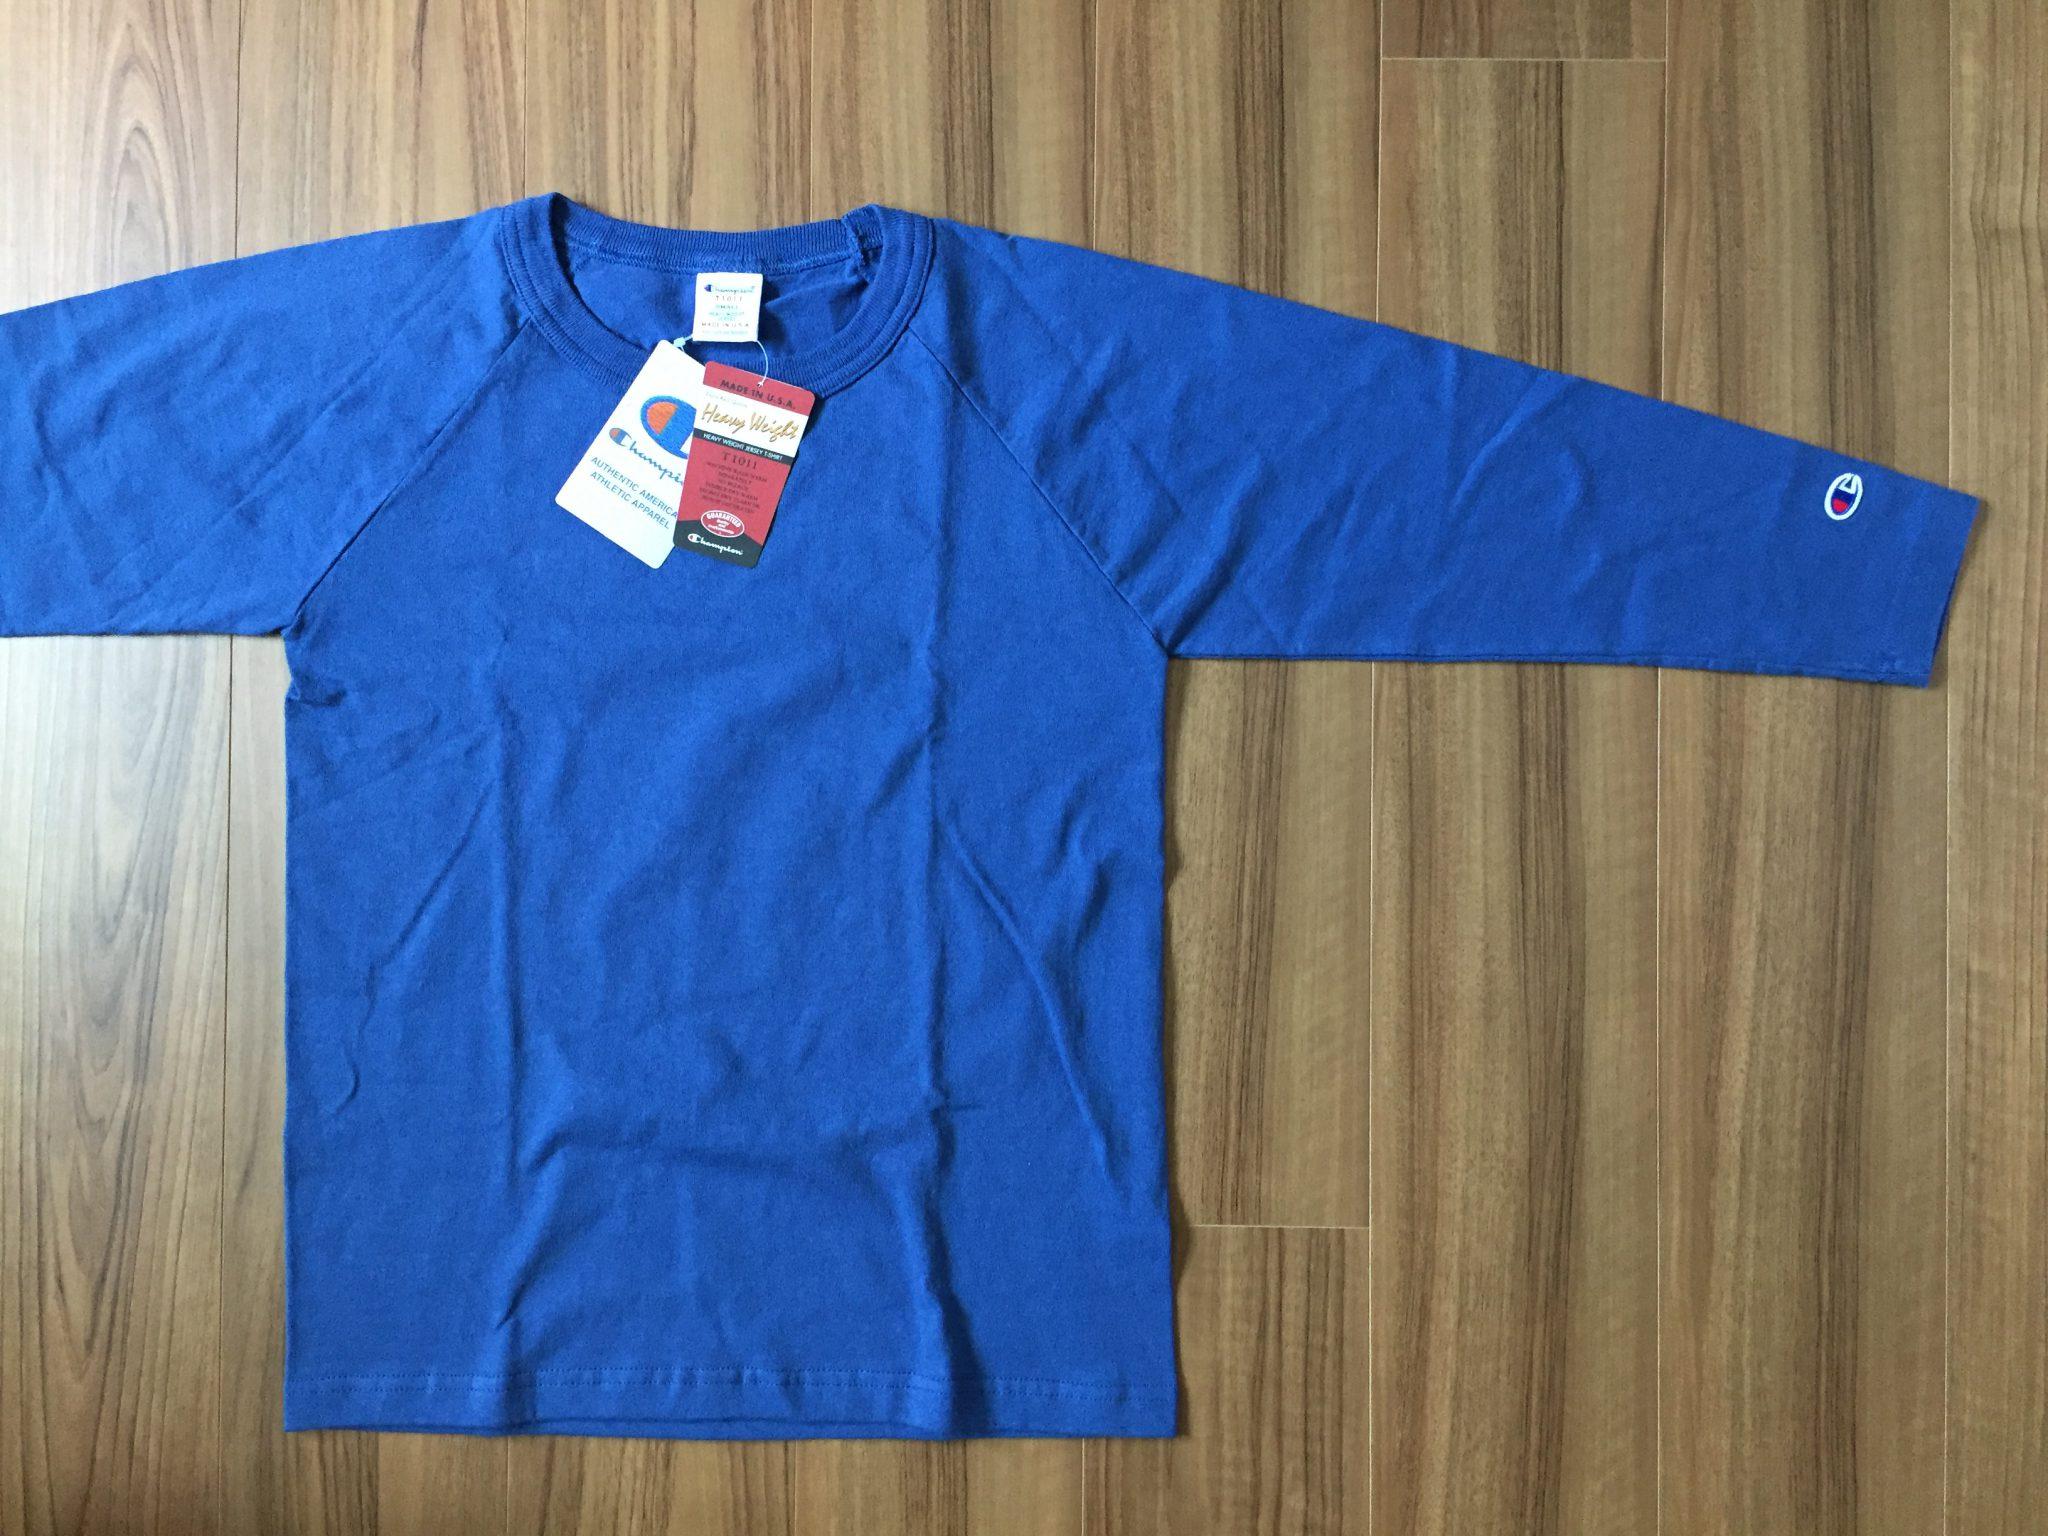 Champion(チャンピオン)T1011~10年着れる7.1ozコットンTシャツの2枚目は7分袖を購入